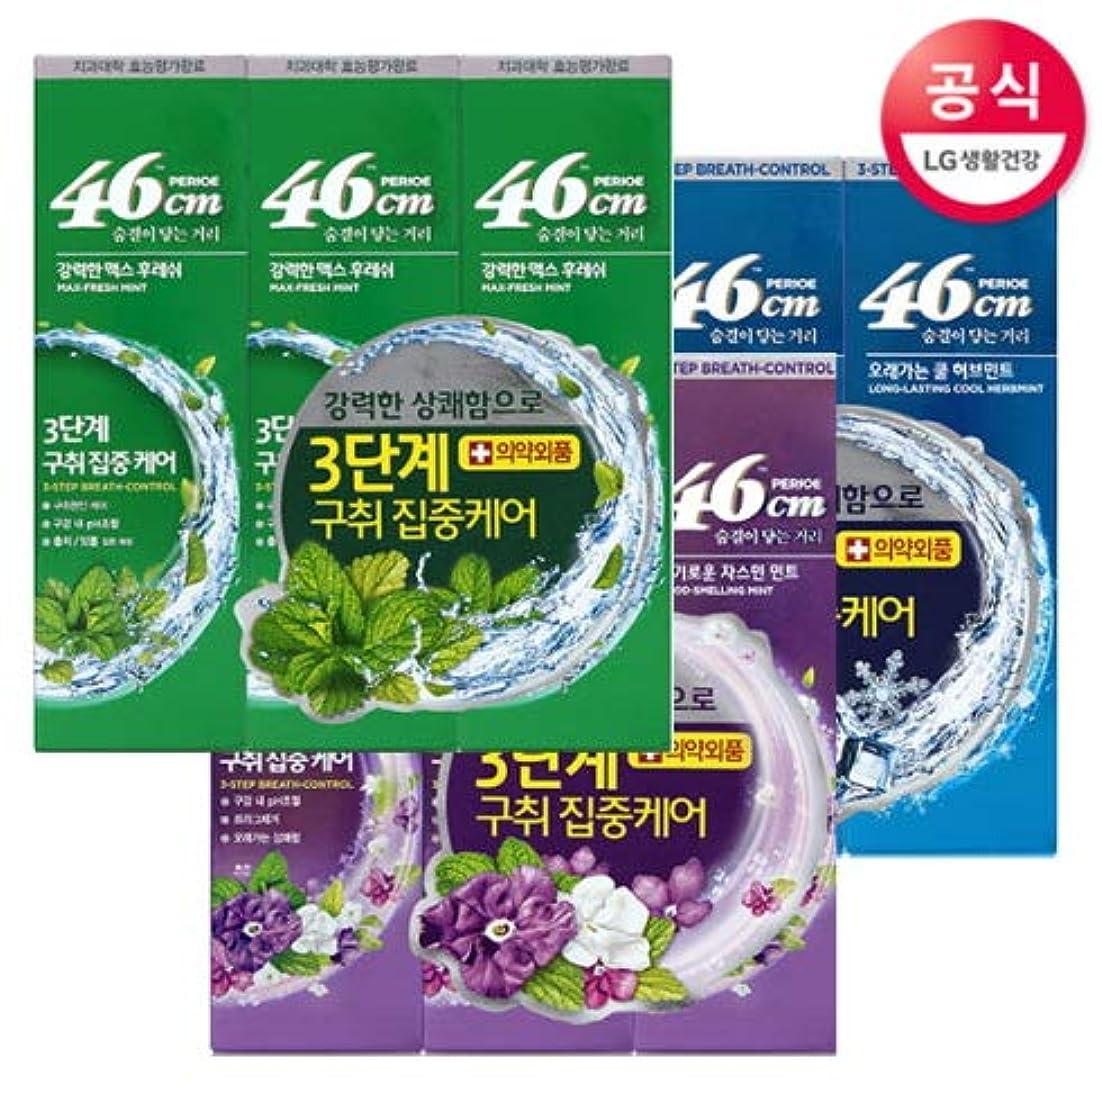 誘惑紛争熟読する[LG HnB] Perio 46cm toothpaste /ペリオ46cm歯磨き粉 100gx9個(海外直送品)